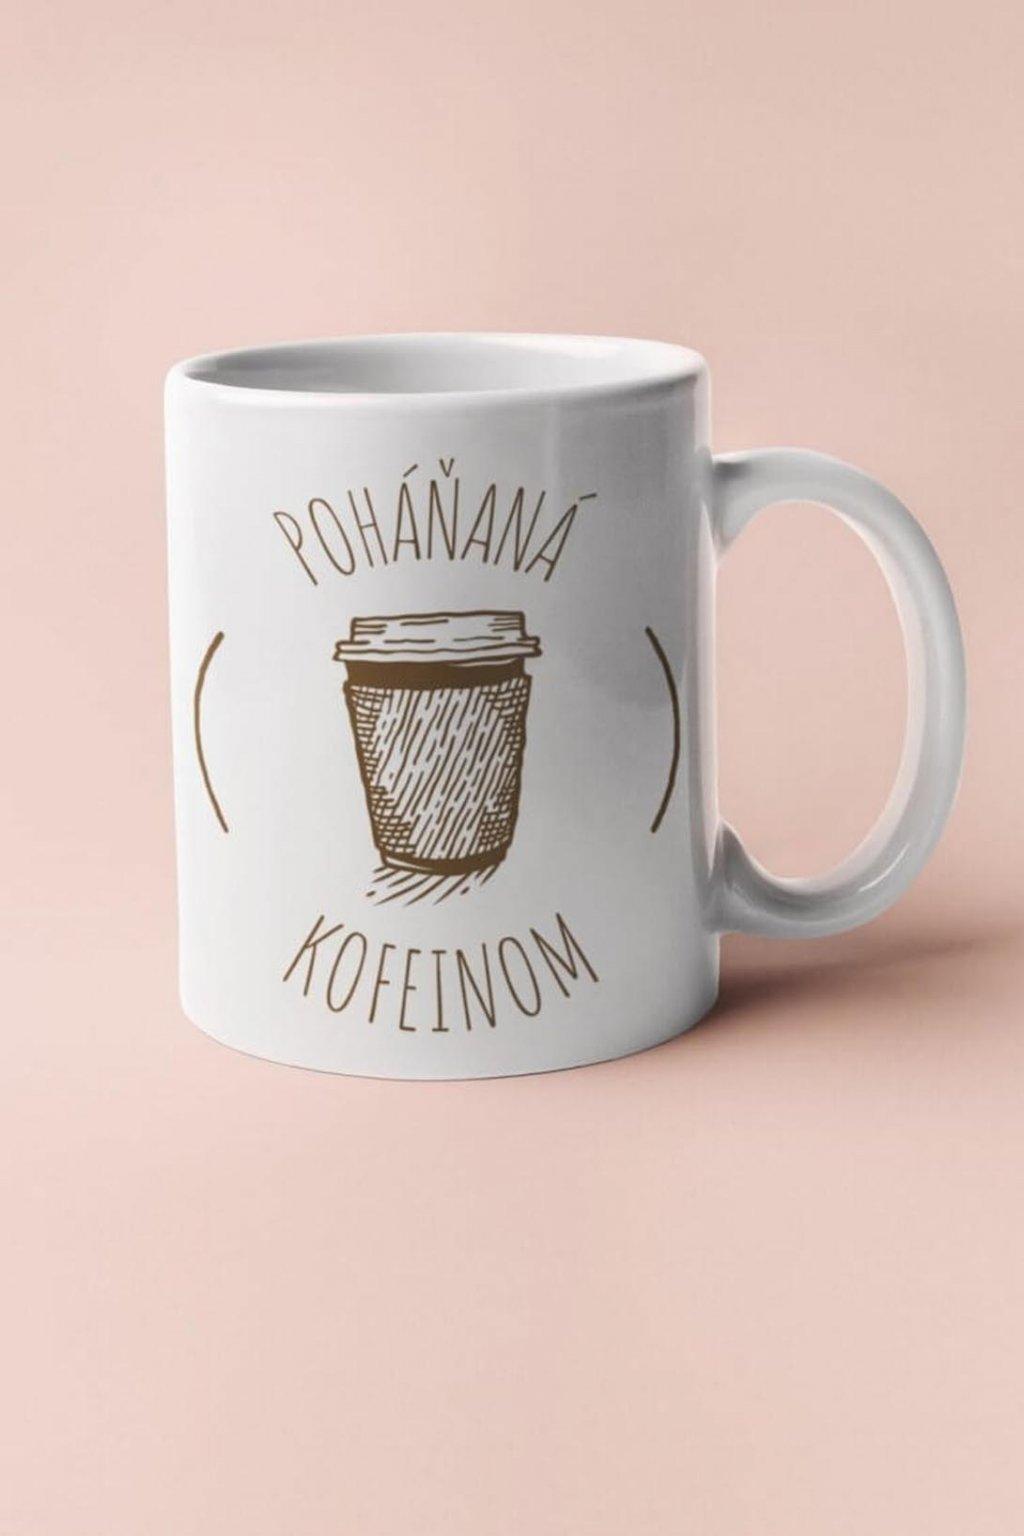 Šálka poháňaná kofeinom